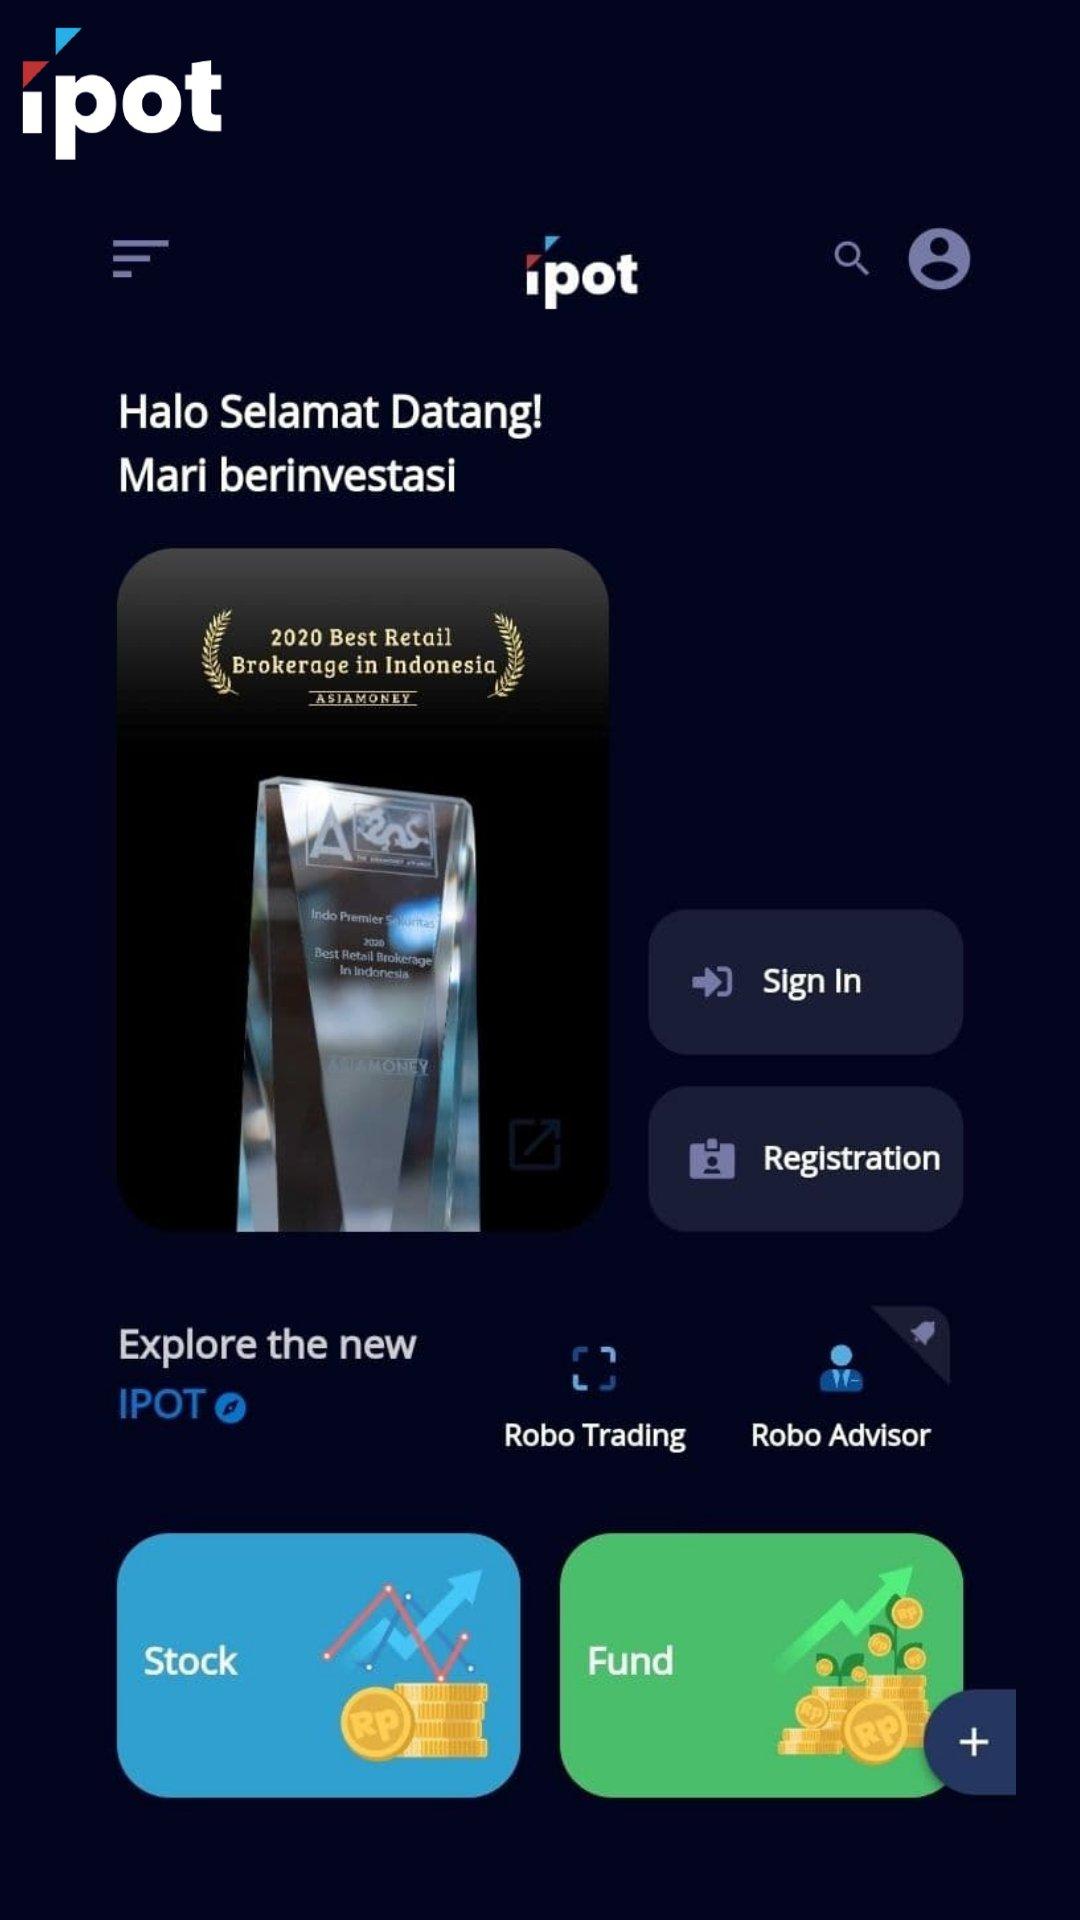 tampilan awal aplikasi ipot dari indo premier untuk siapa saja, karena semua bisa investasi